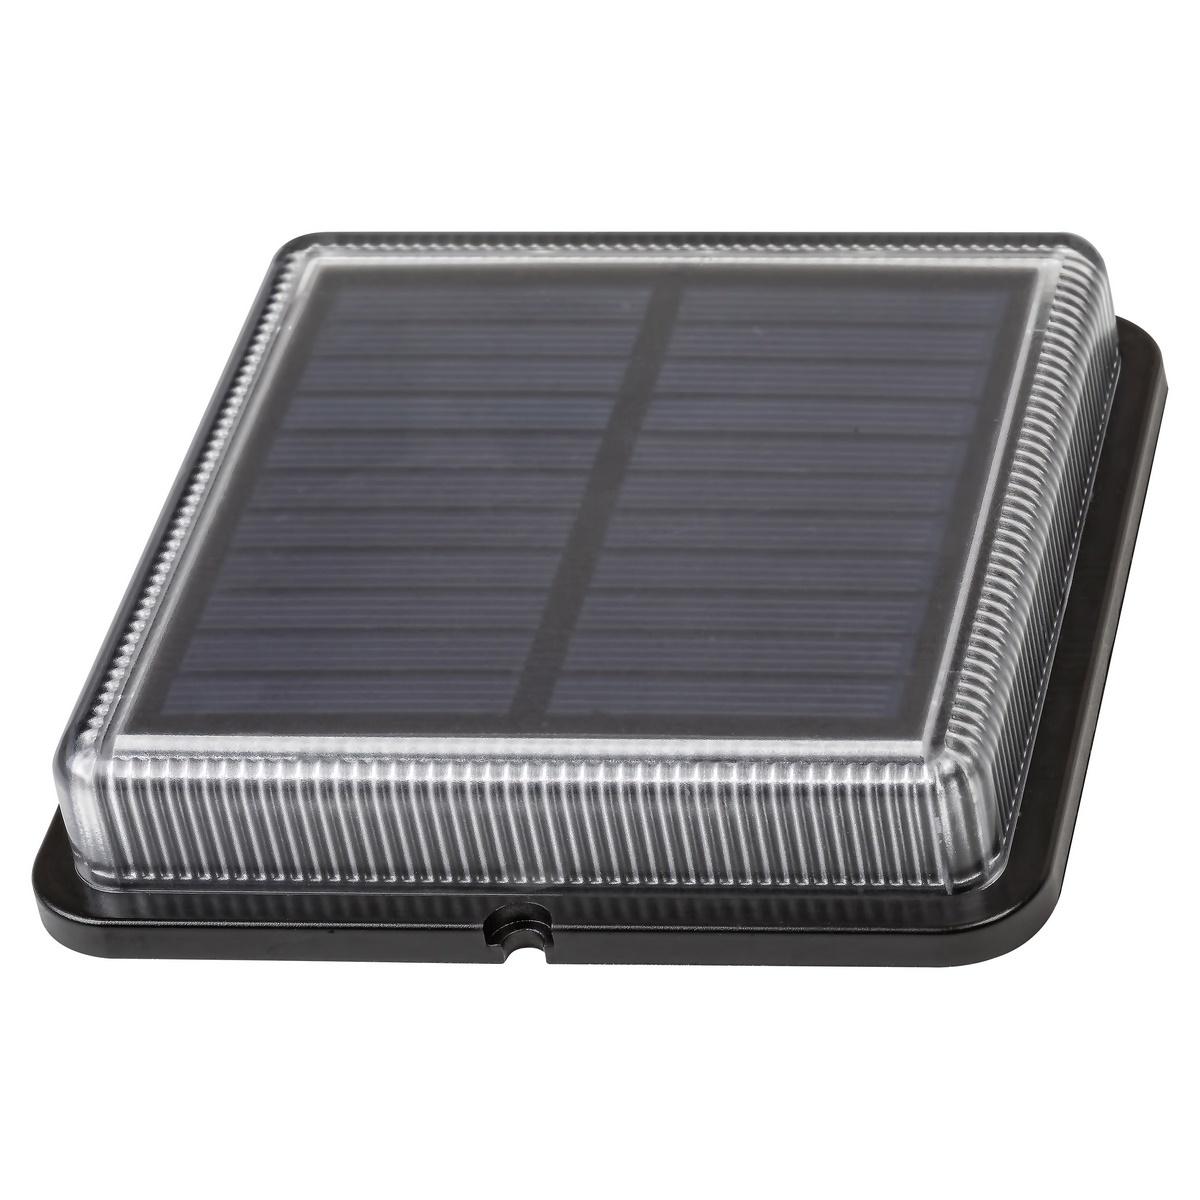 Rabalux 8104 Bilbao venkovní solární LED svítidlo, 11 cm